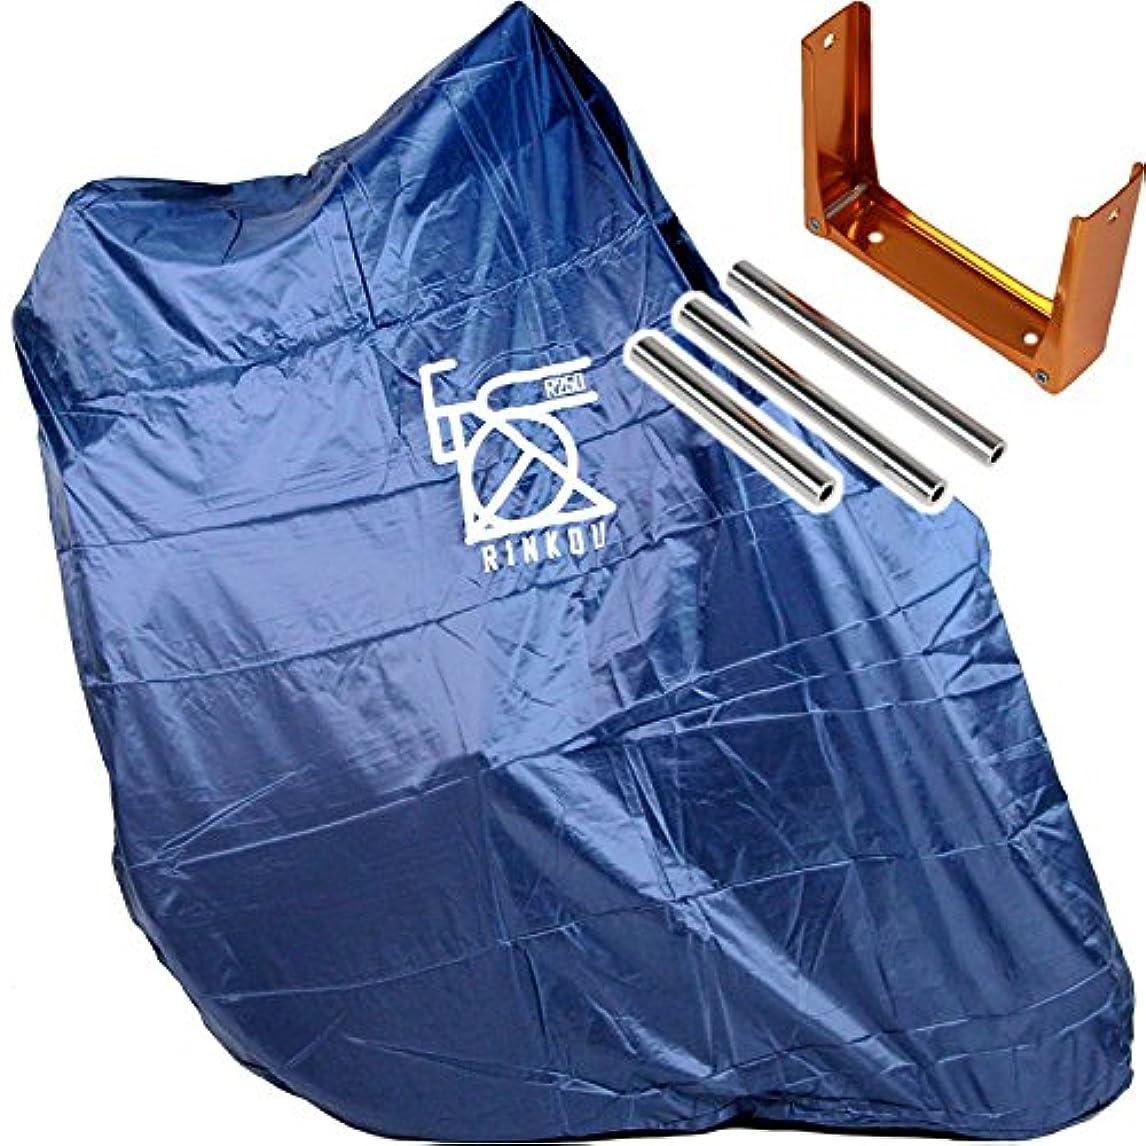 乳製品セブン日記R250(アールニーゴーマル) 超軽量縦型輪行袋 ネイビー エンド金具?フレームカバー?スプロケットカバー?輪行マニュアル付属